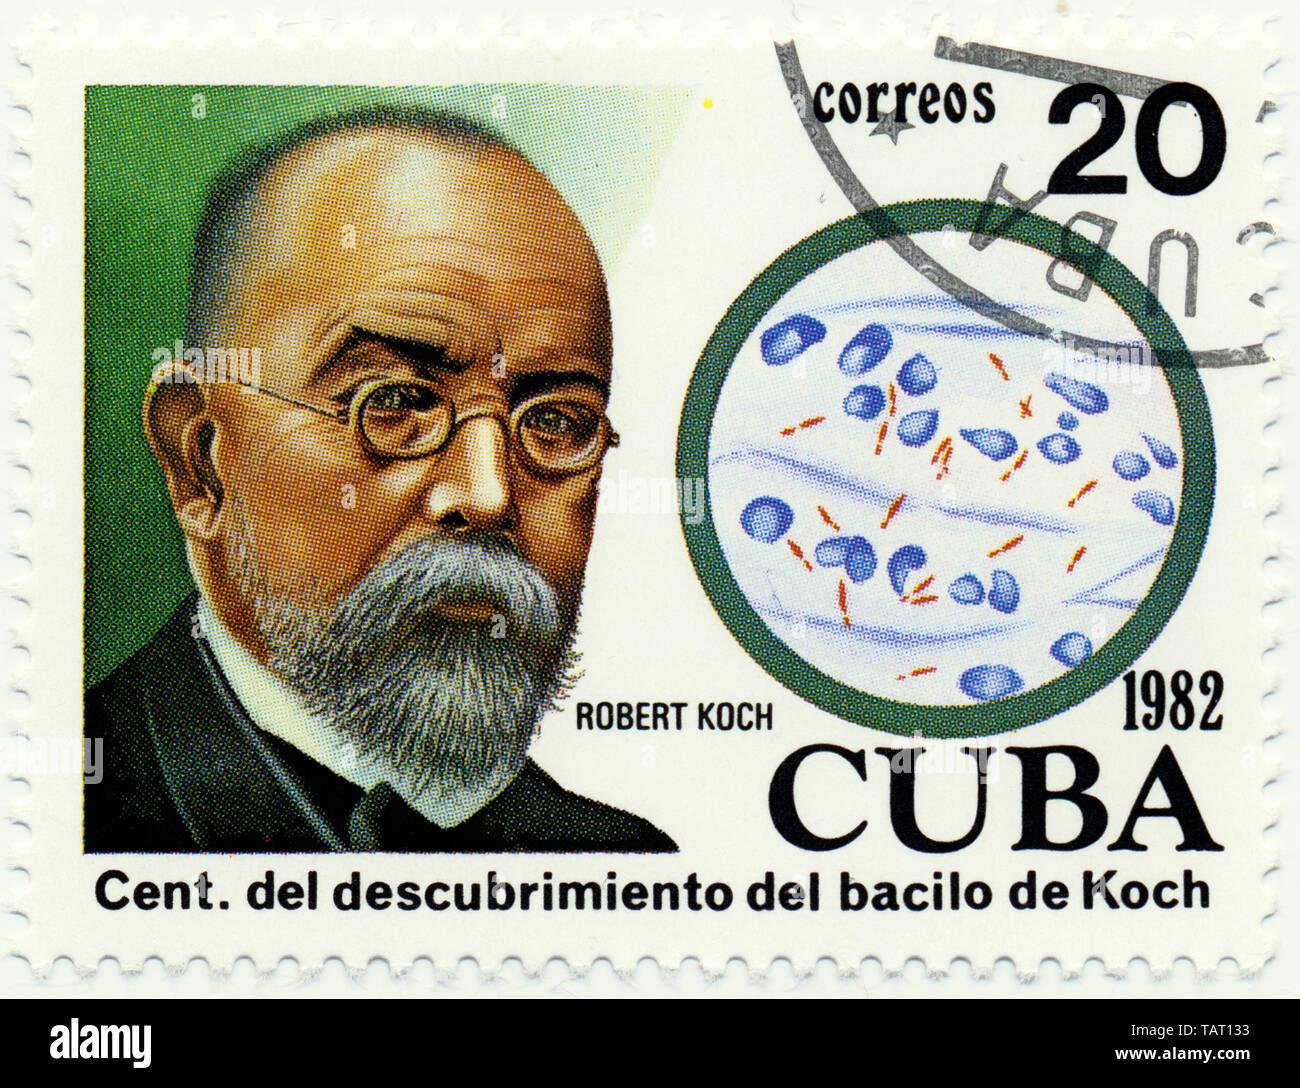 Historic postage stamps from Cuba, Historische Briefmarken, Robert Koch, 1982, Kuba, Karibik - Stock Image